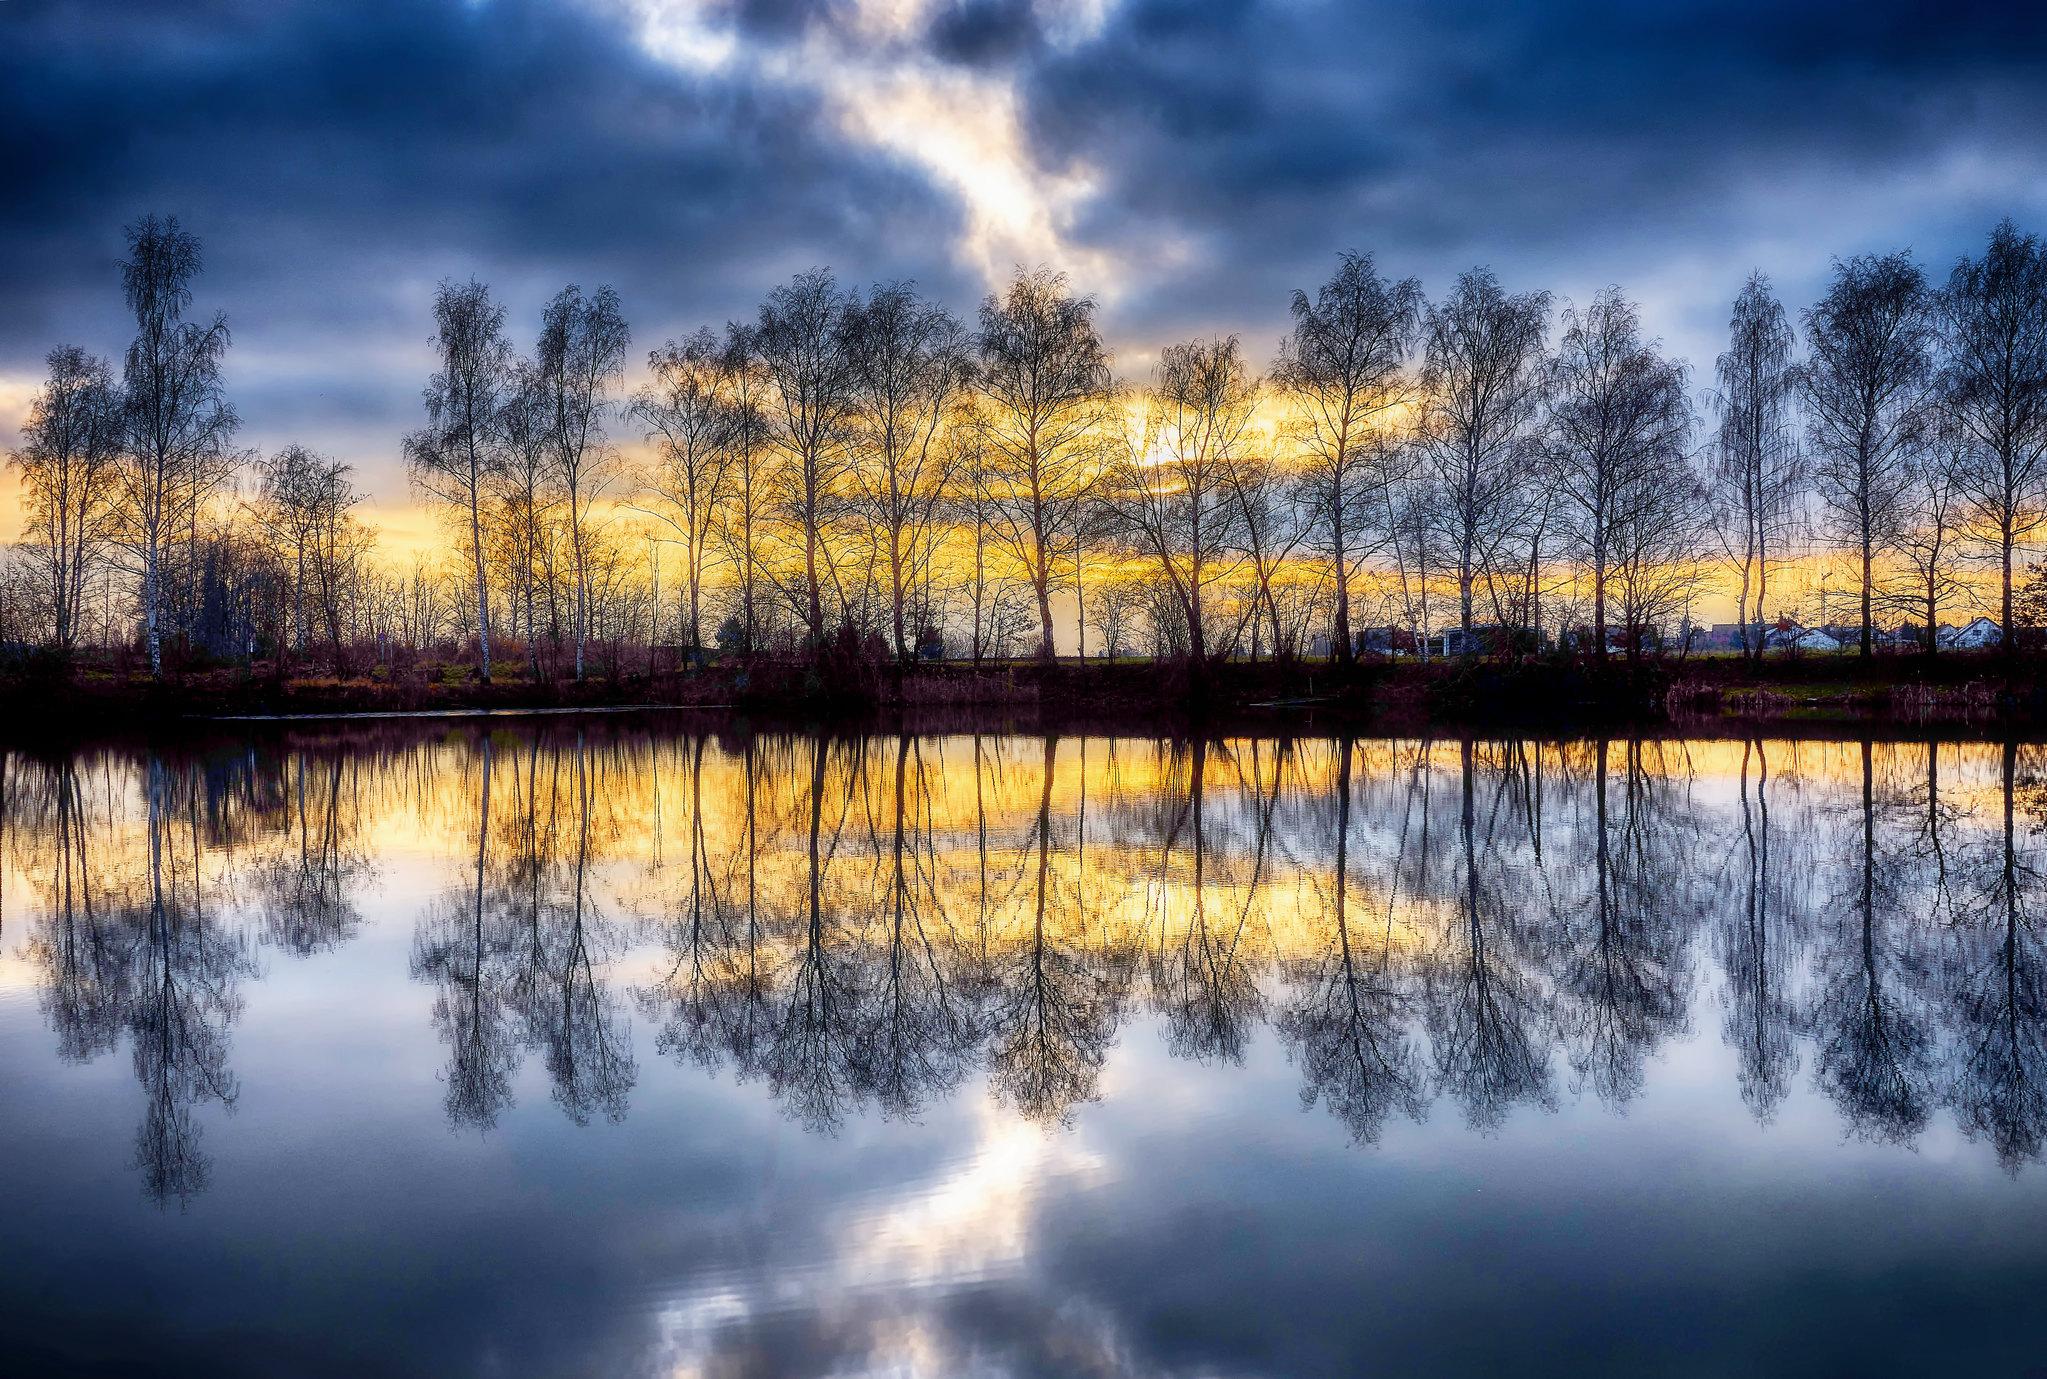 Cloudburst (Wolkenbruch)